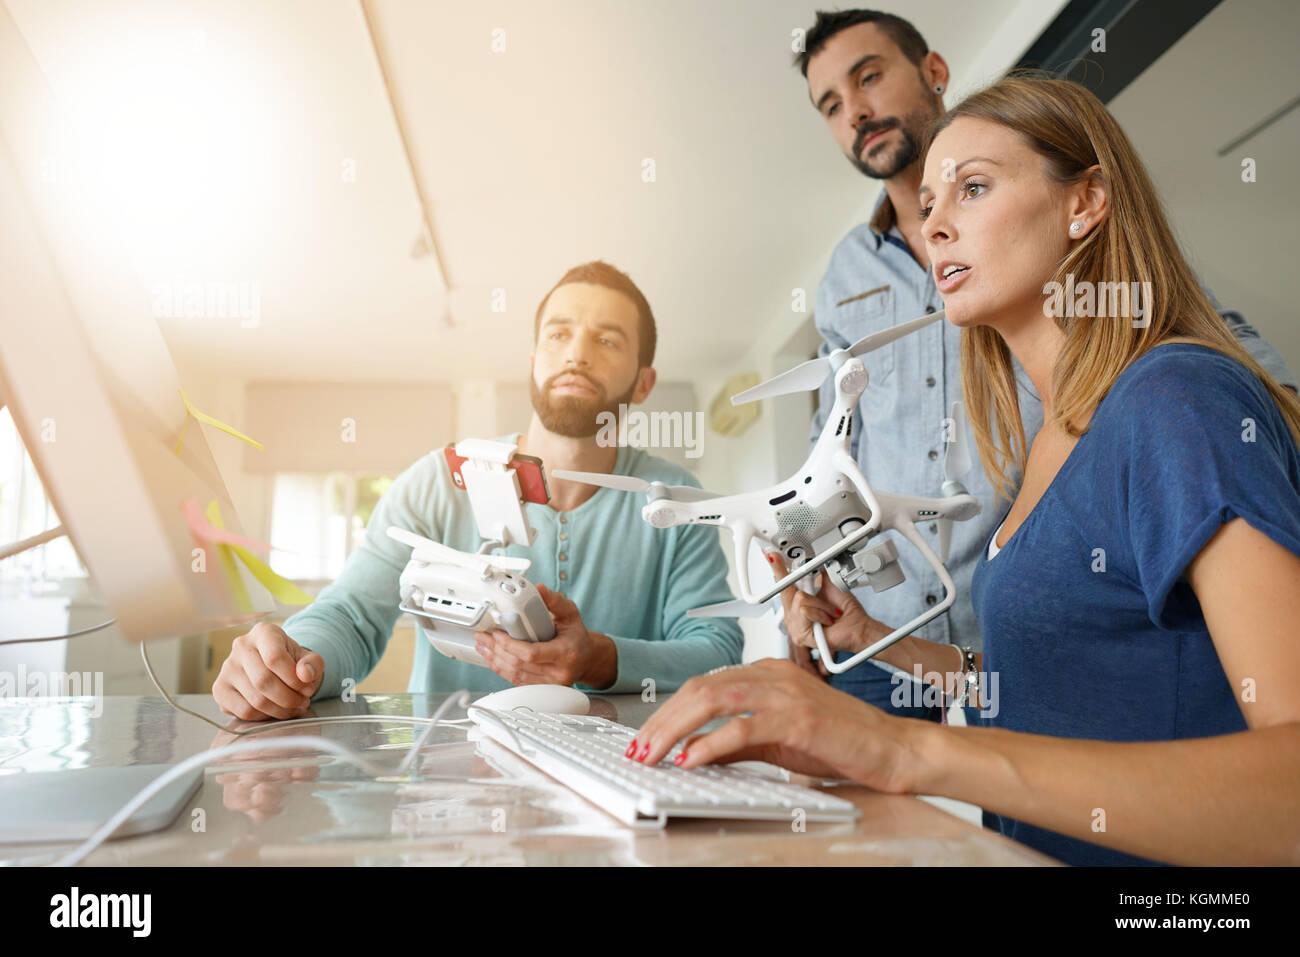 Inicio oficina trabajando con gente en tecnología drone Imagen De Stock